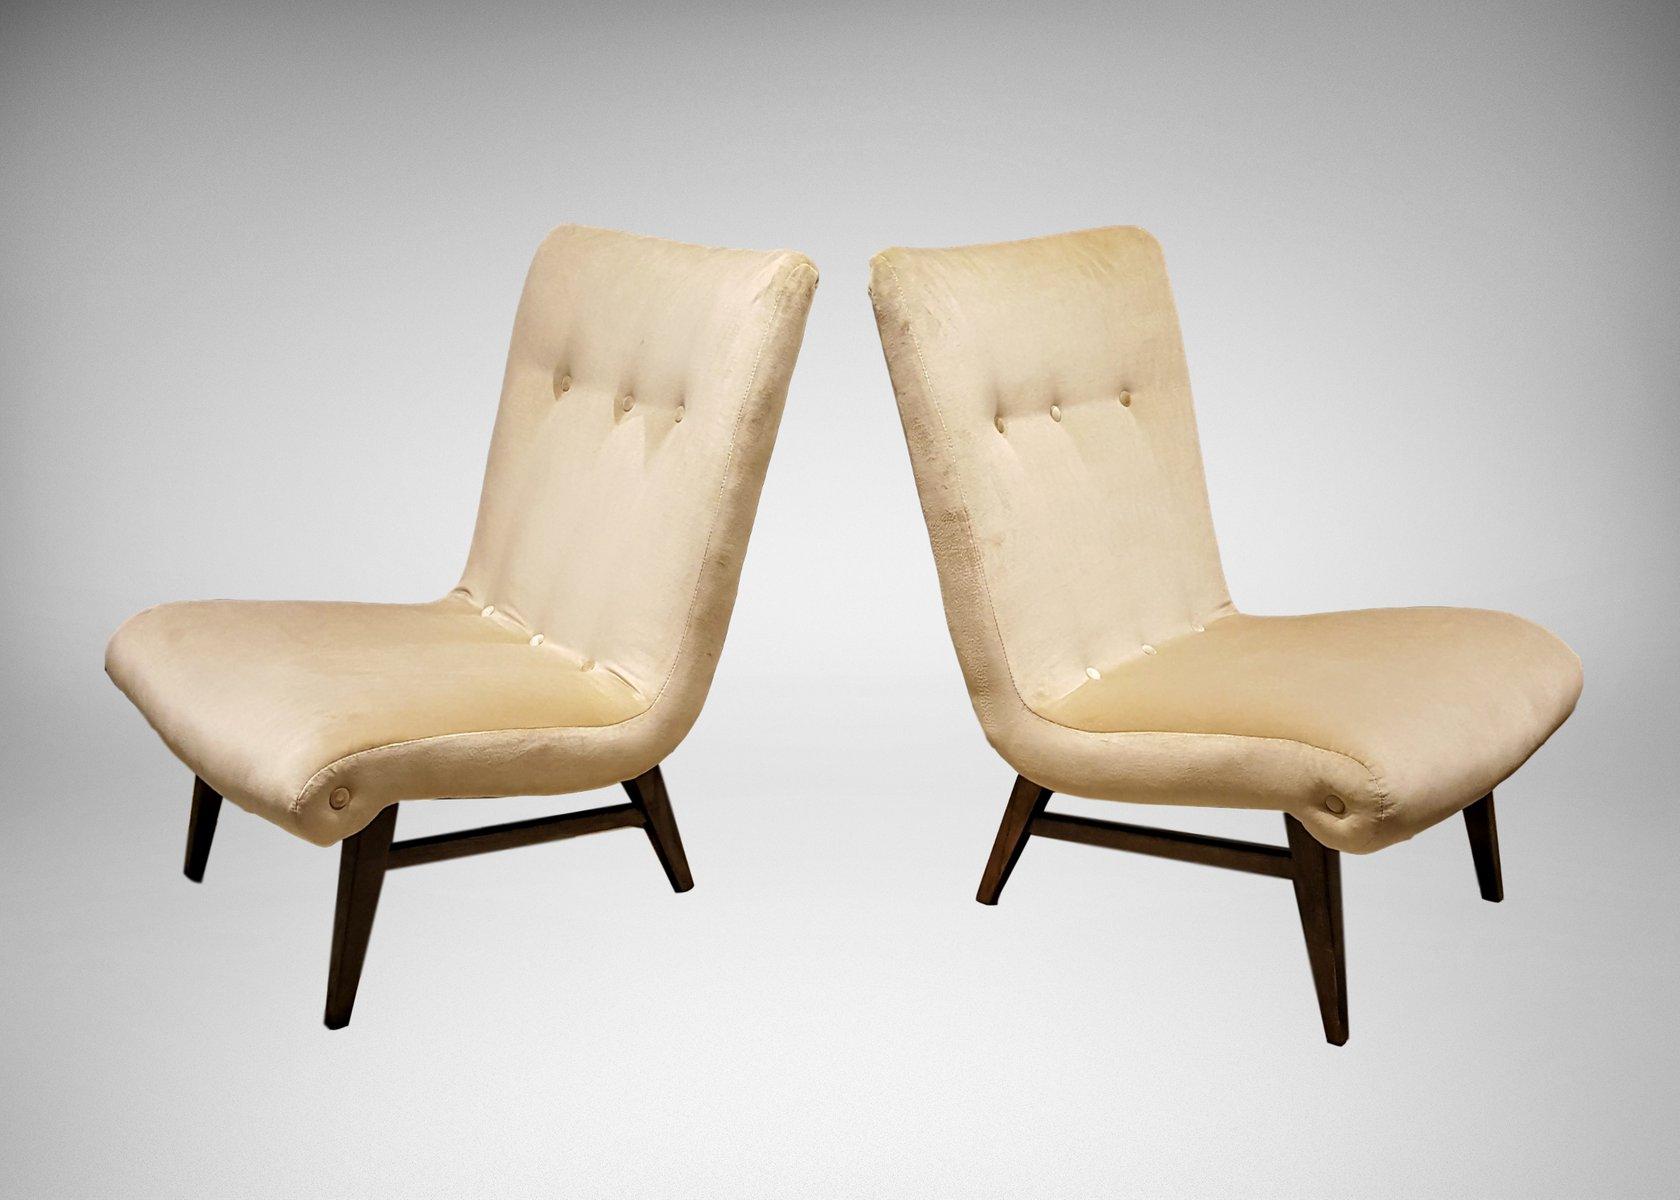 swedish slipper chairs in cream colored velvet s set of   - swedish slipper chairs in cream colored velvet s set of